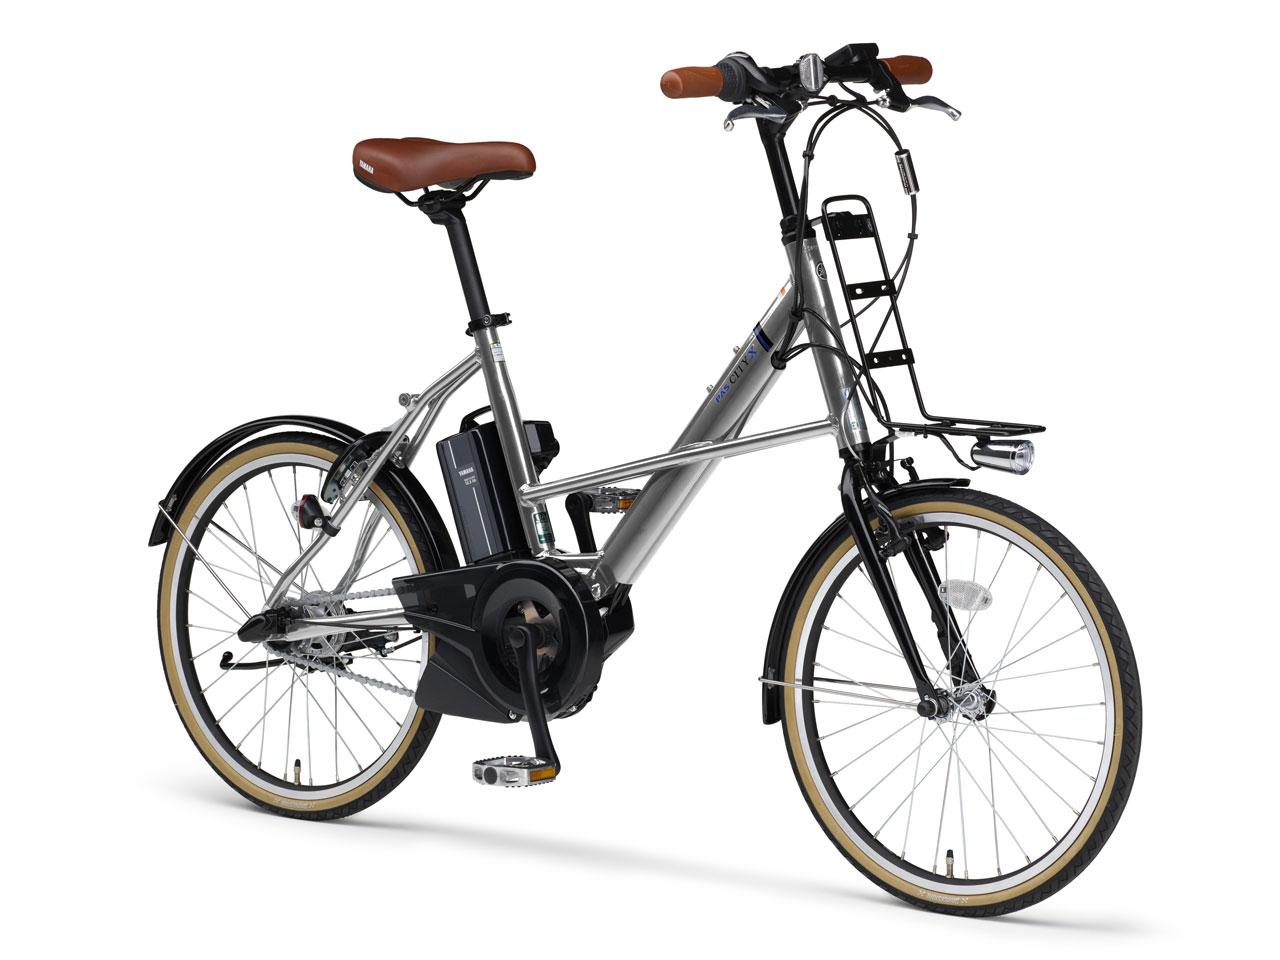 『本体 斜め』 PAS CITY-X PA20CX 2019年モデル [ミラーシルバー2] + 専用充電器 の製品画像